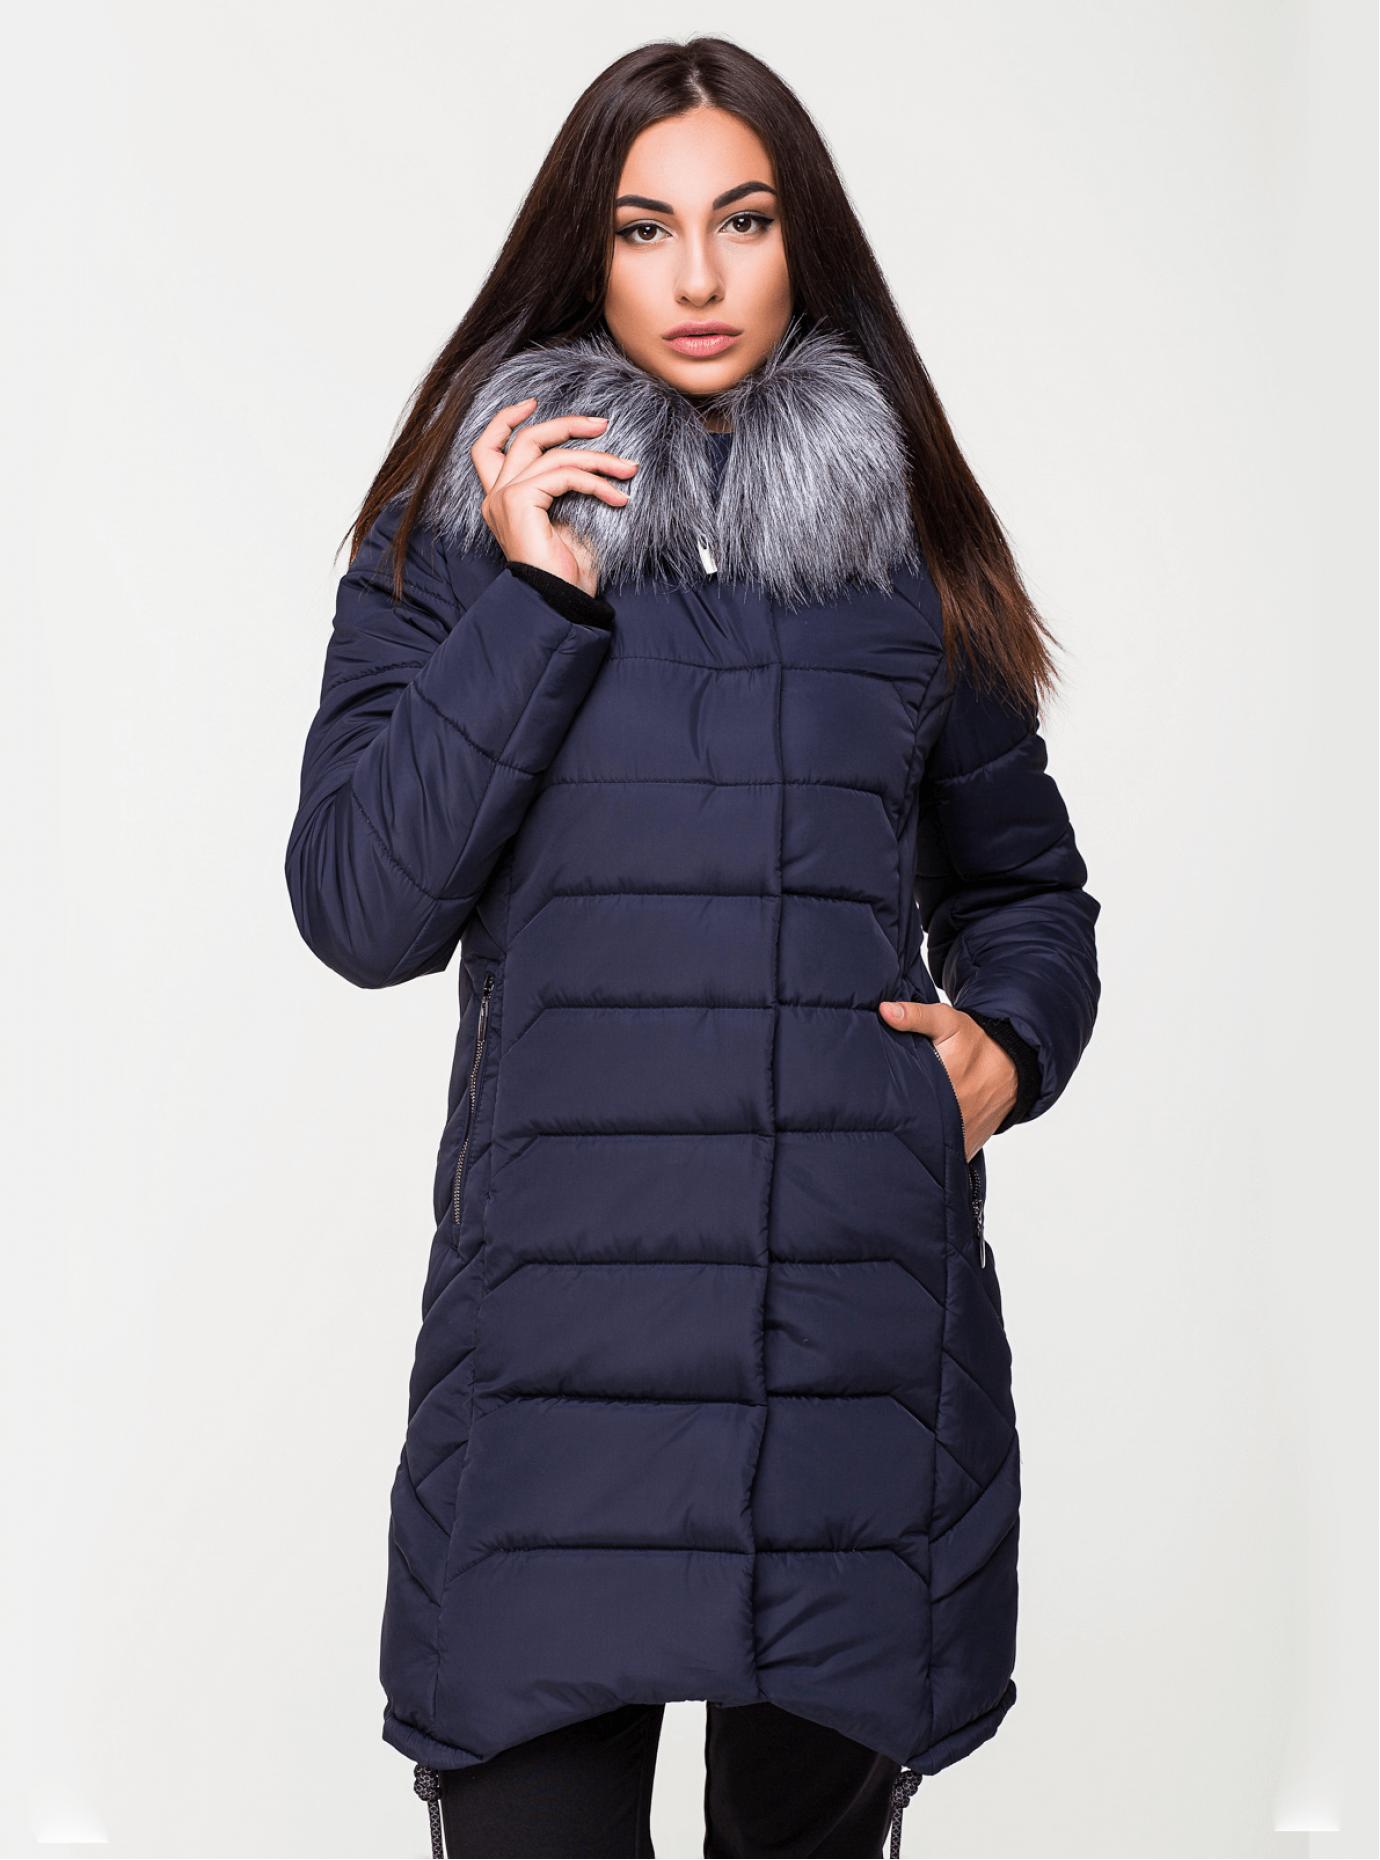 Куртка зимняя стеганая с искусственным мехом Тёмно-синий 44 (03-P19073): фото - Alster.ua